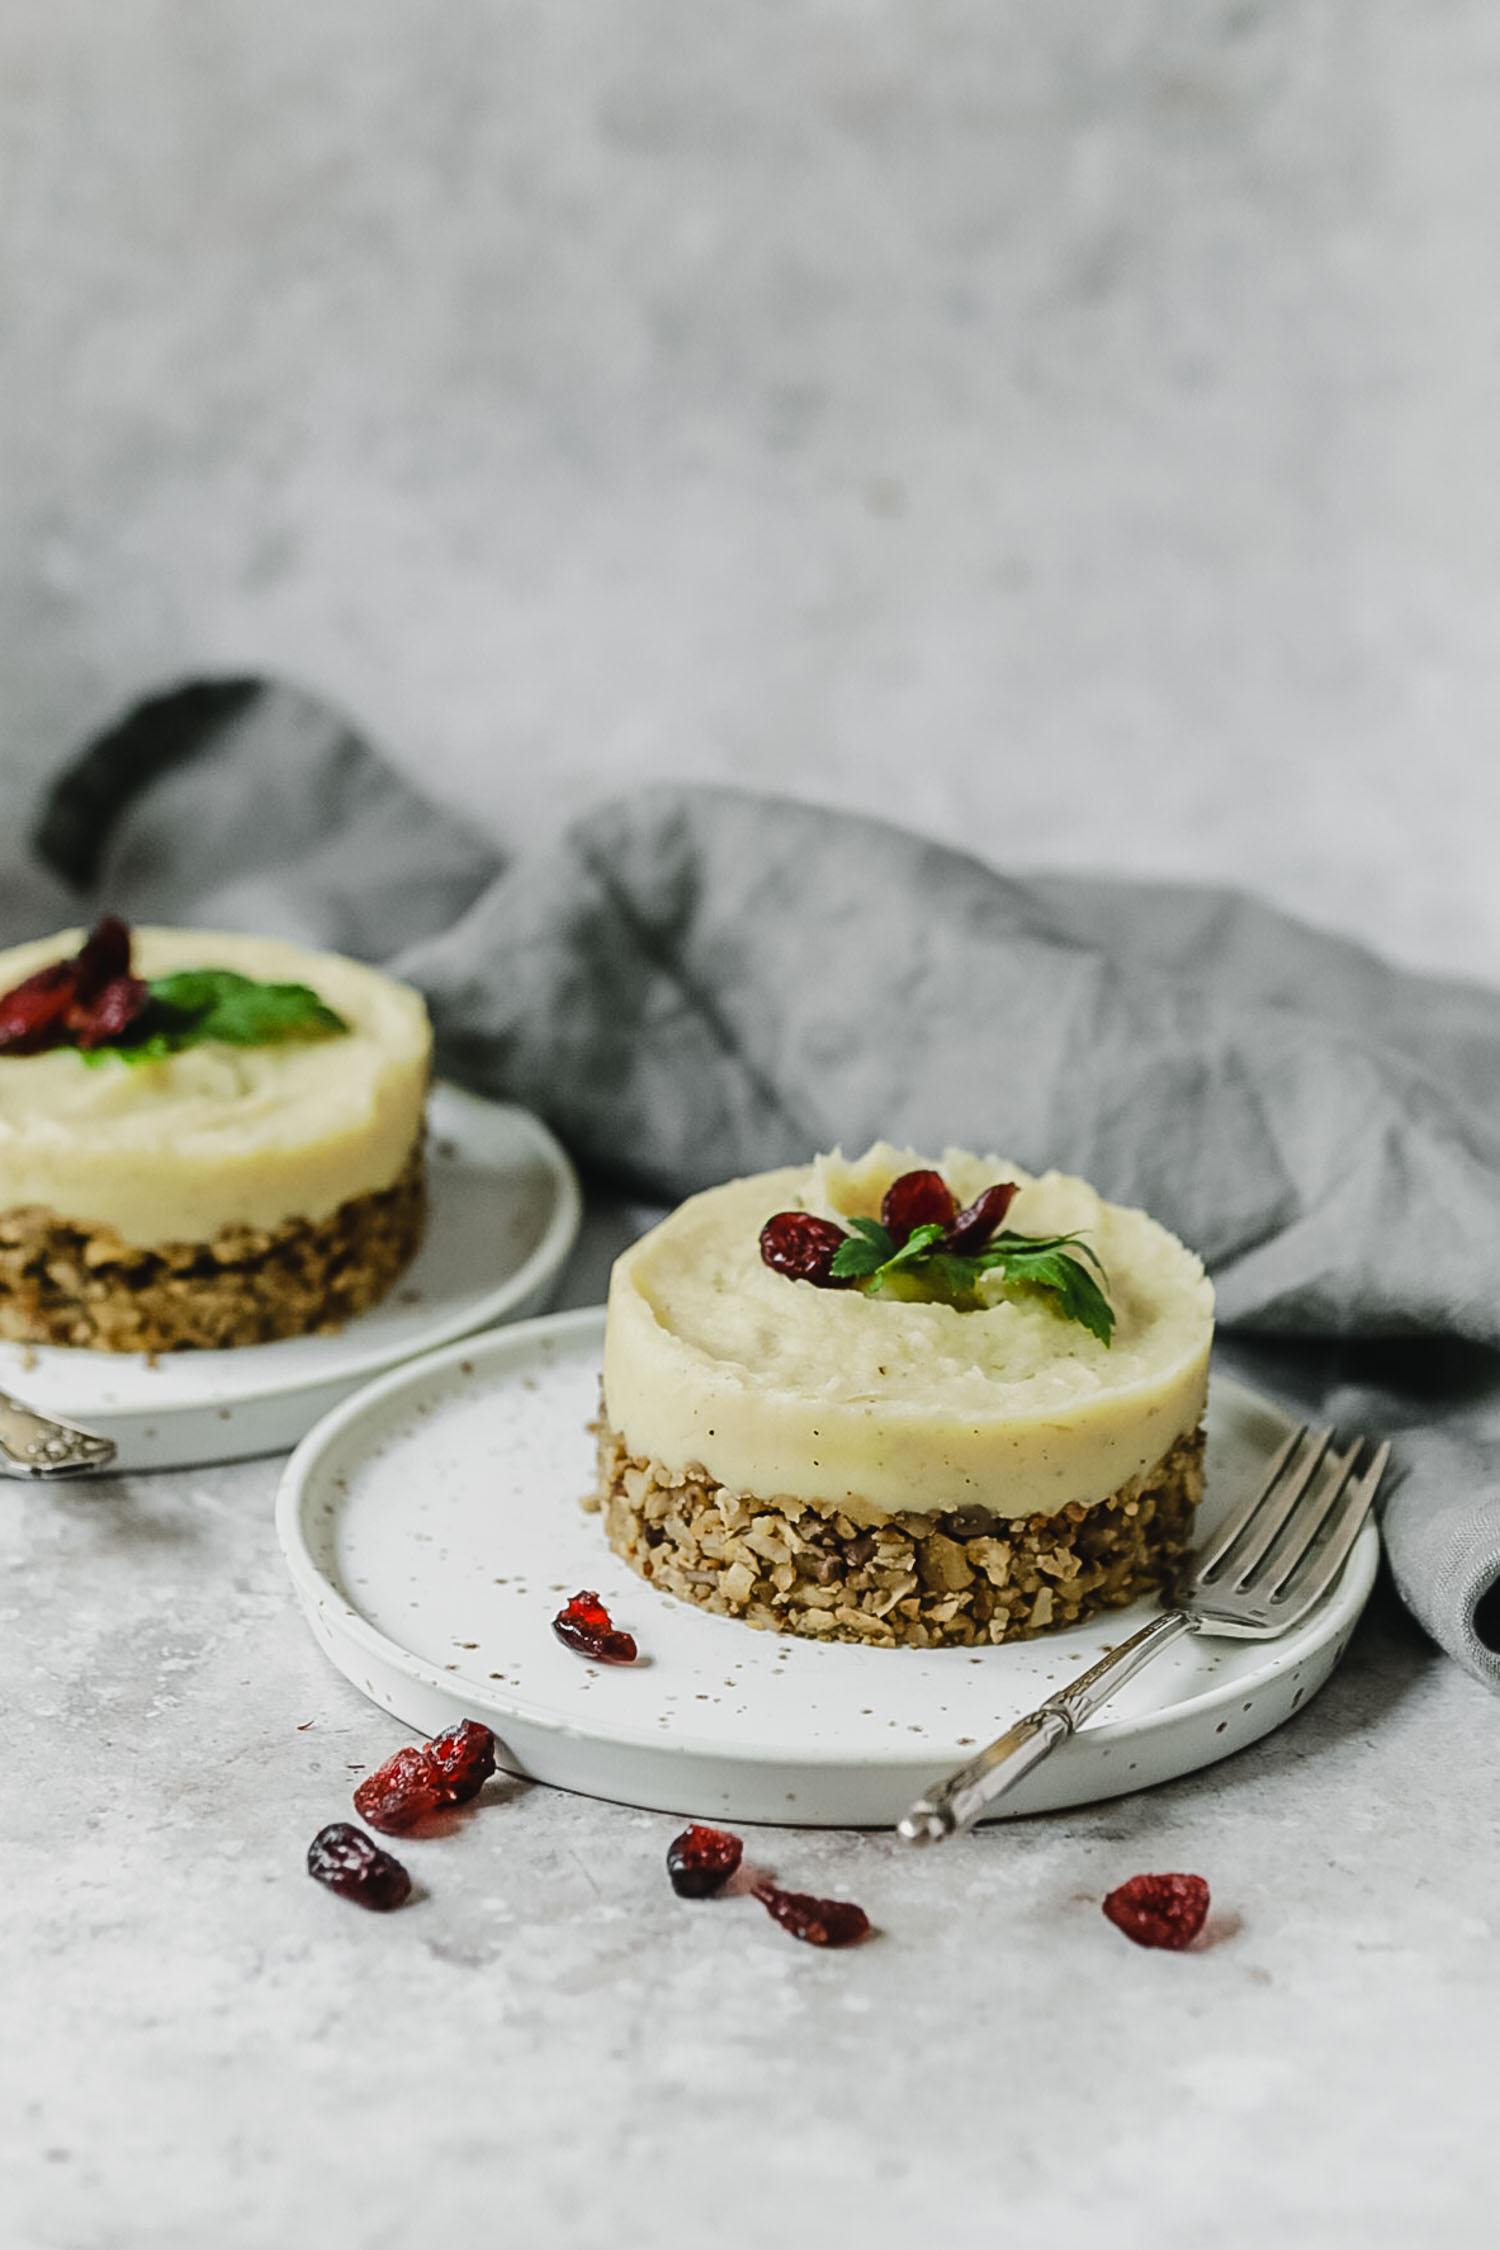 Recette vegan parmentier de panais, châtaignes, champignons et tofu fumé. Noël végétarien